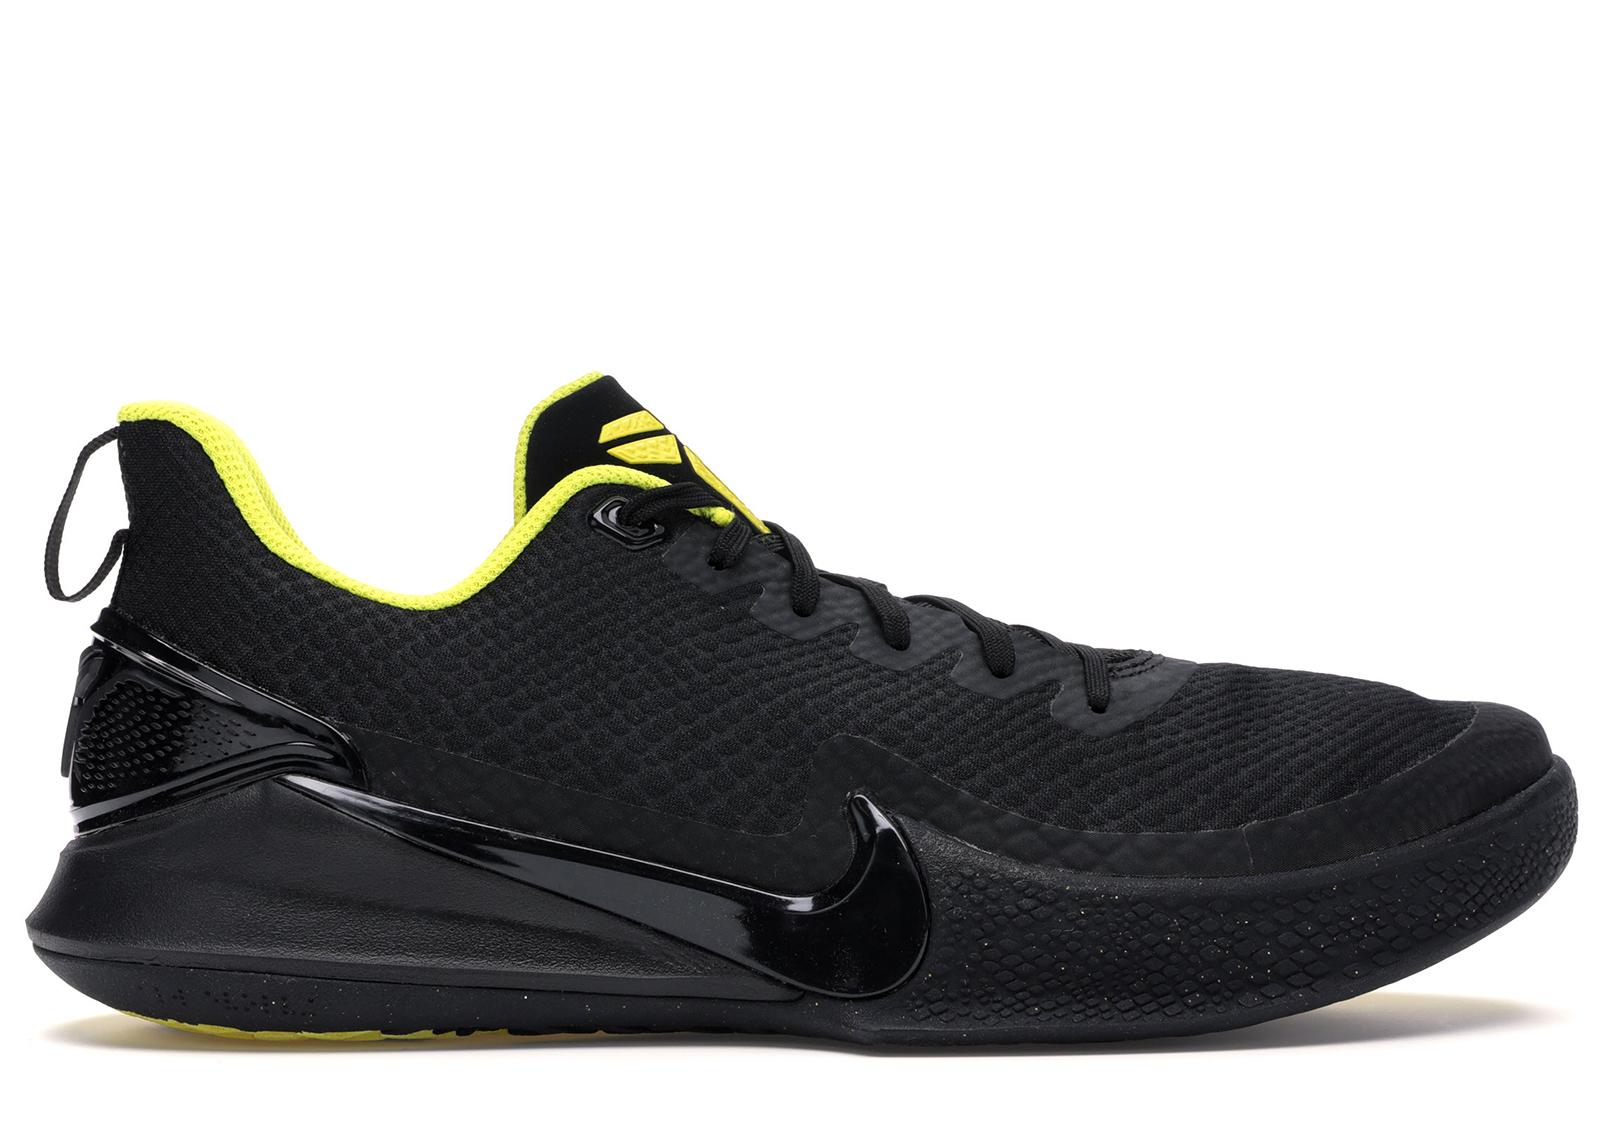 Nike Mamba Focus Black Optimum Yellow